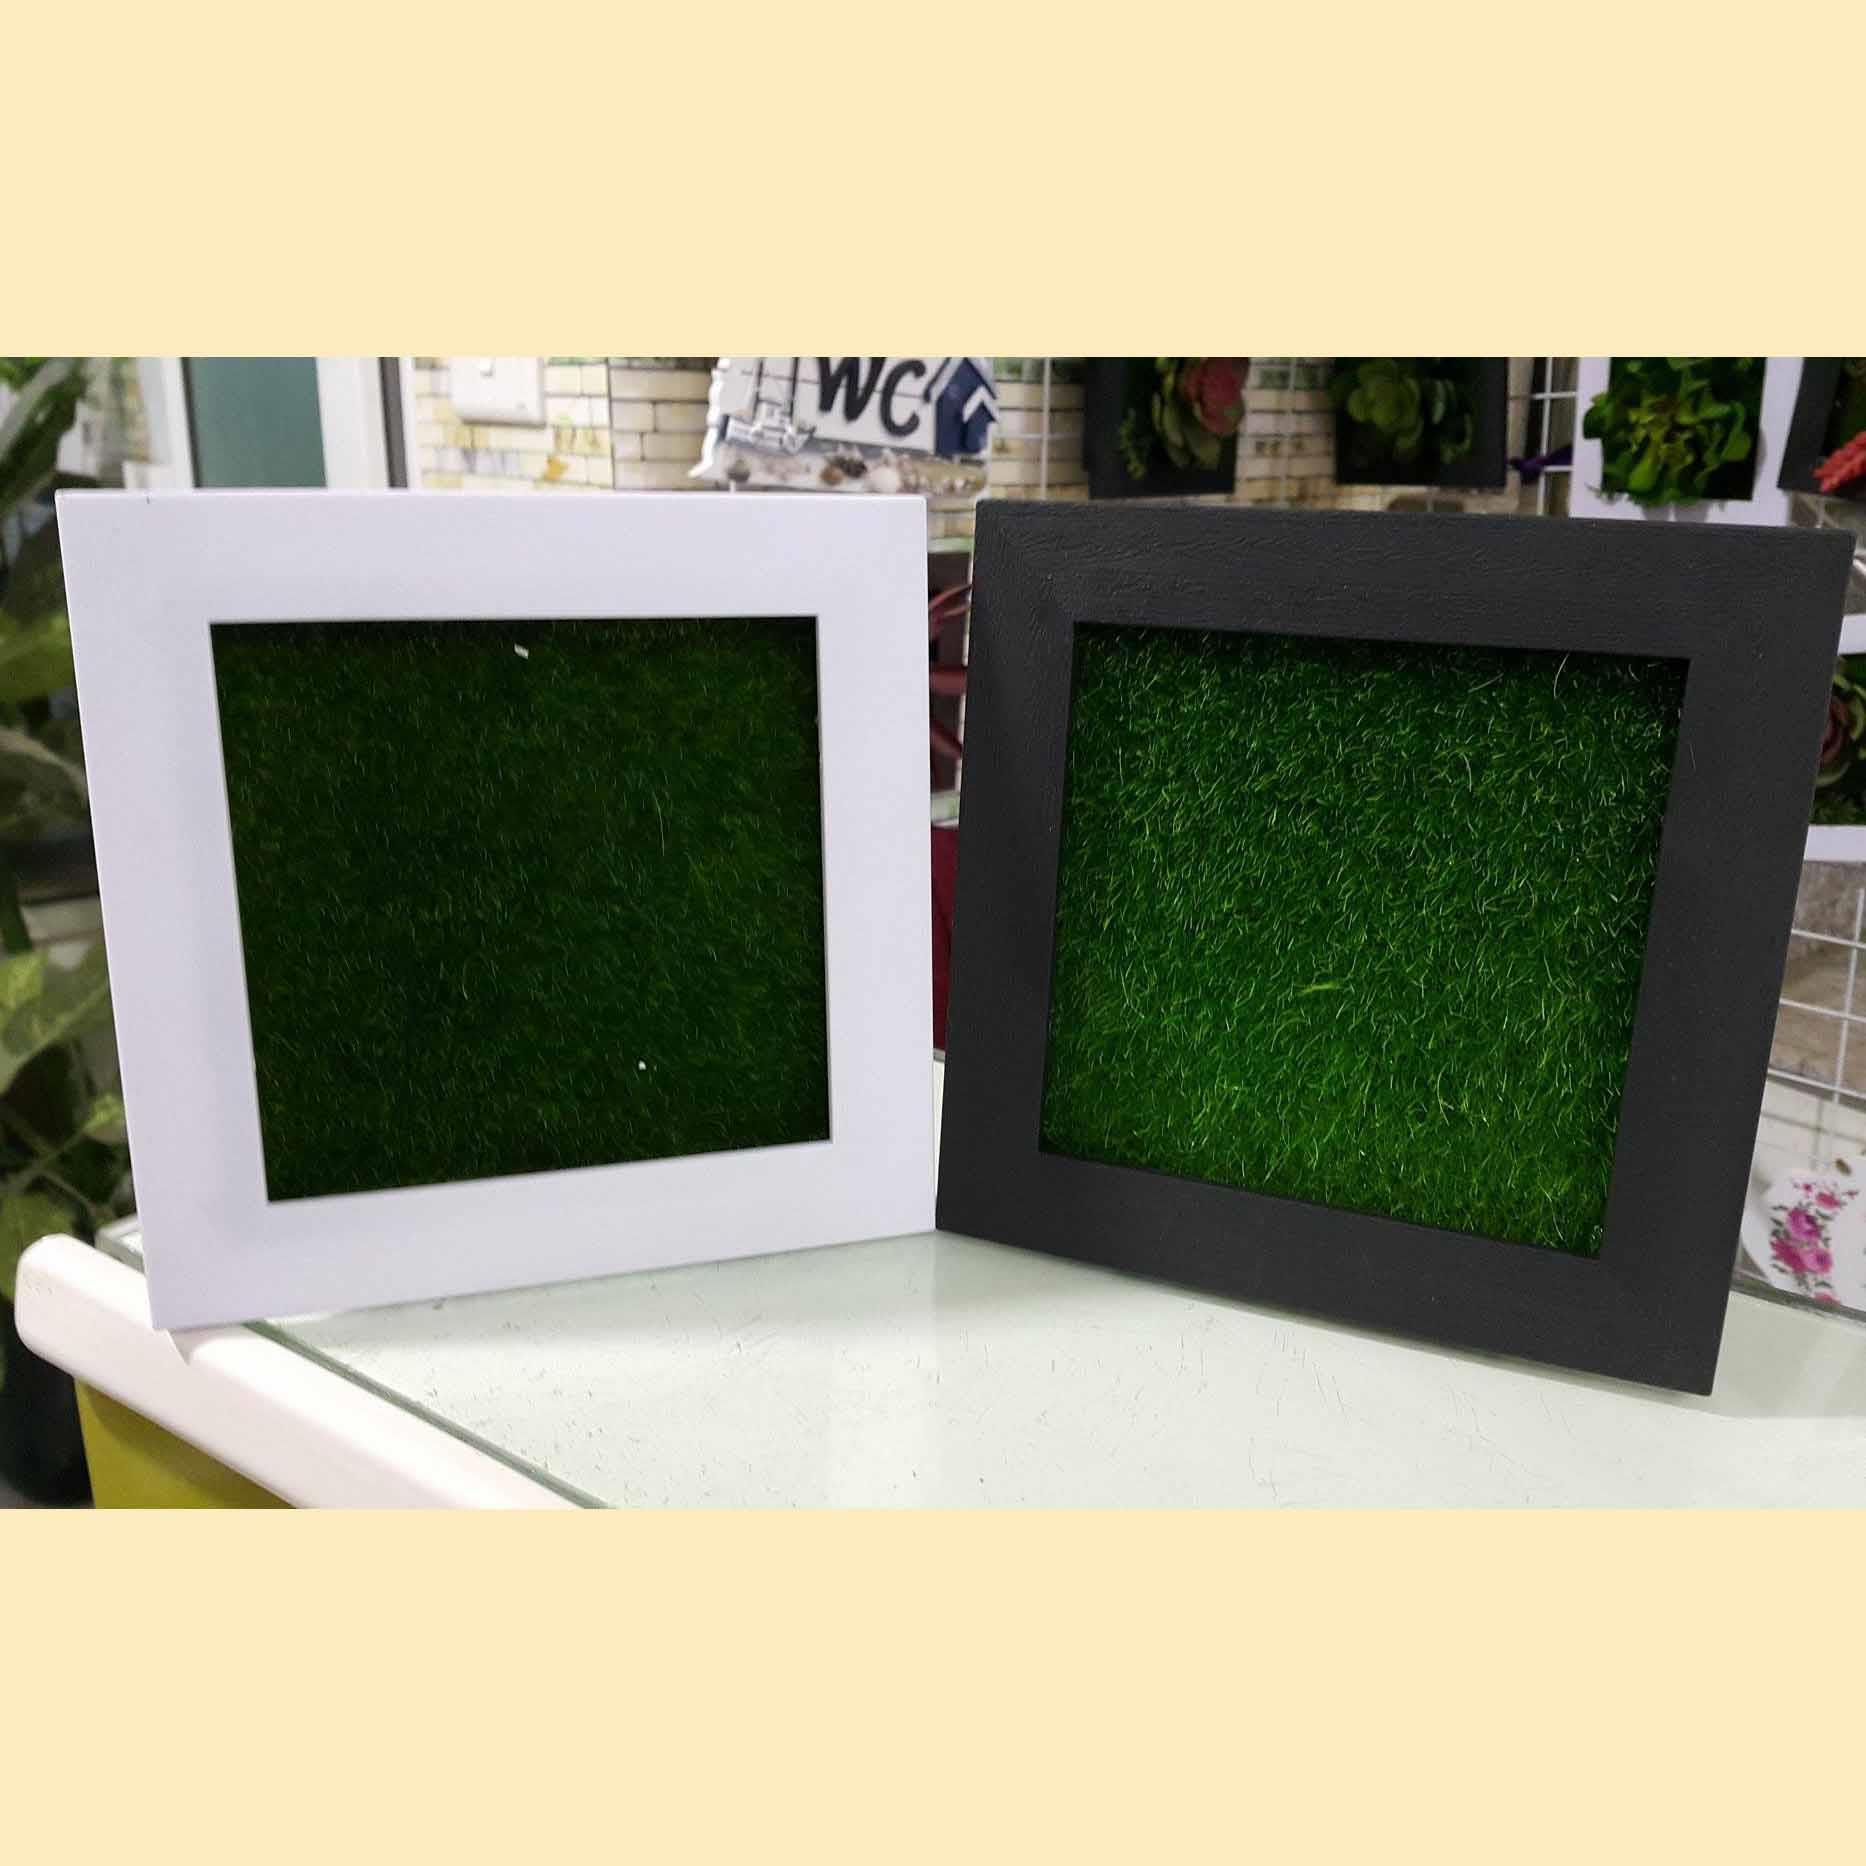 Khung làm tranh cây size 15*15cm (đã bao gồm cỏ) - KTC001